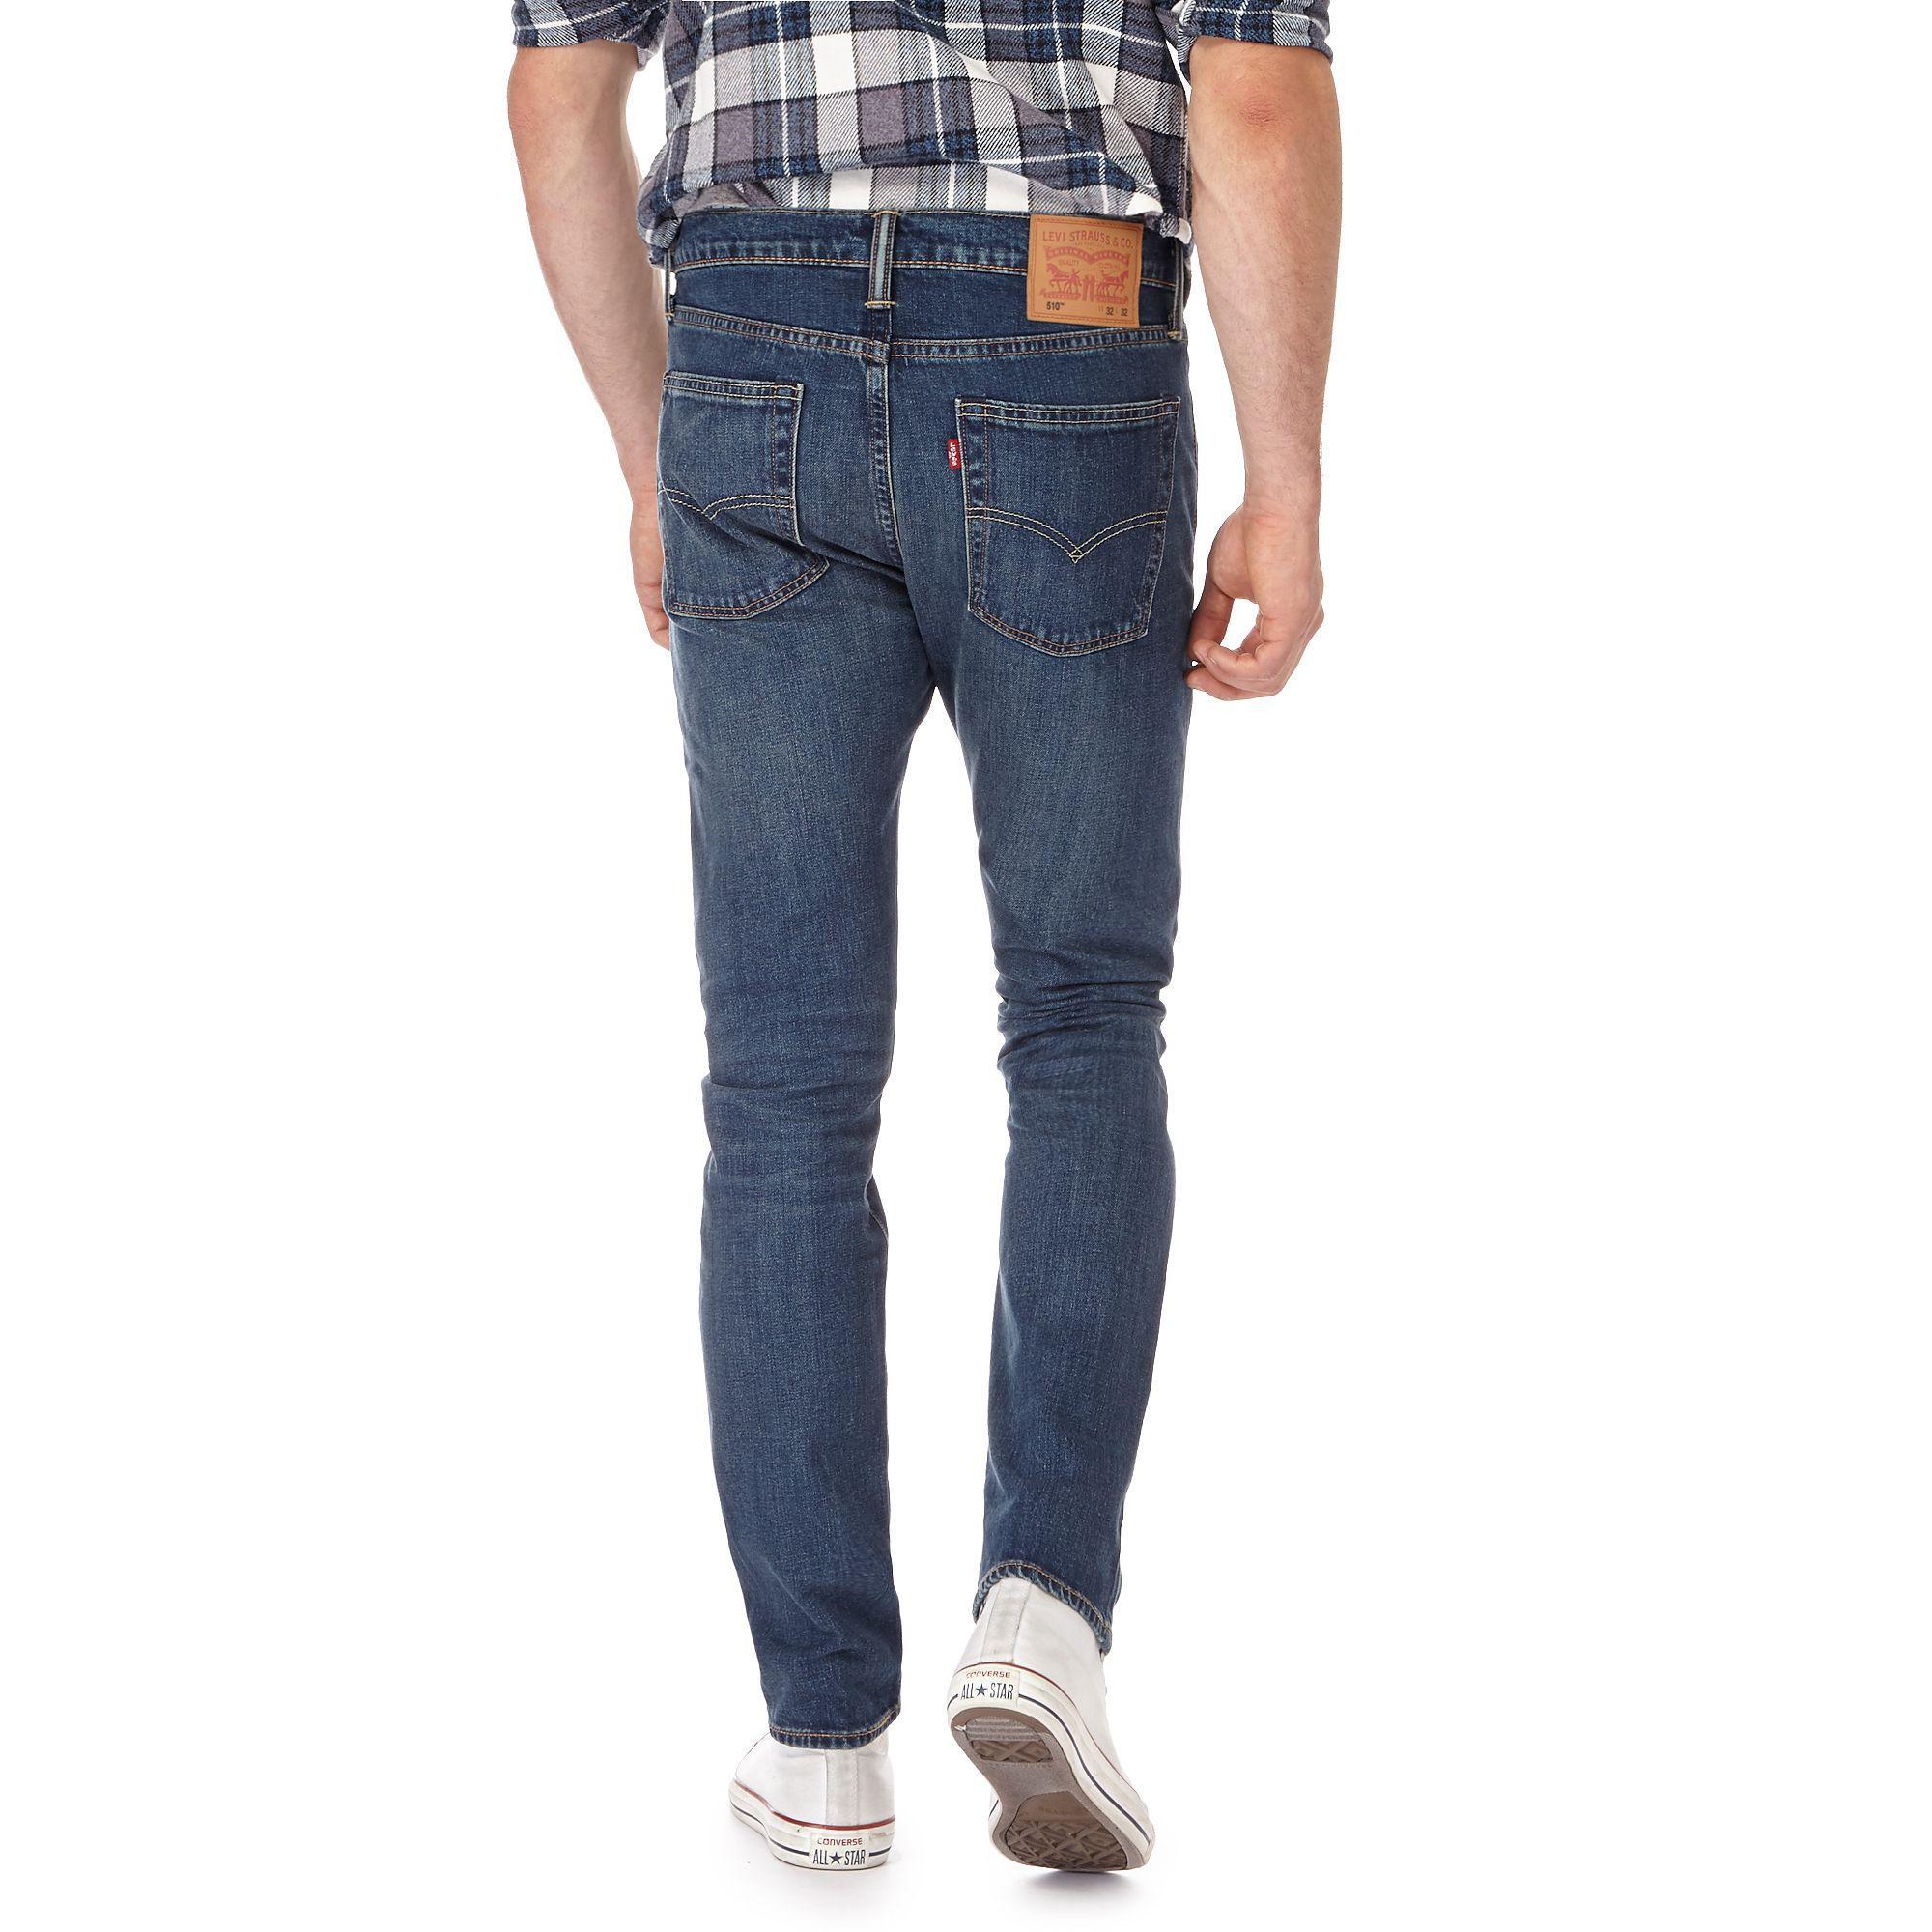 Levi's Denim Blue '510' Skinny Jeans for Men